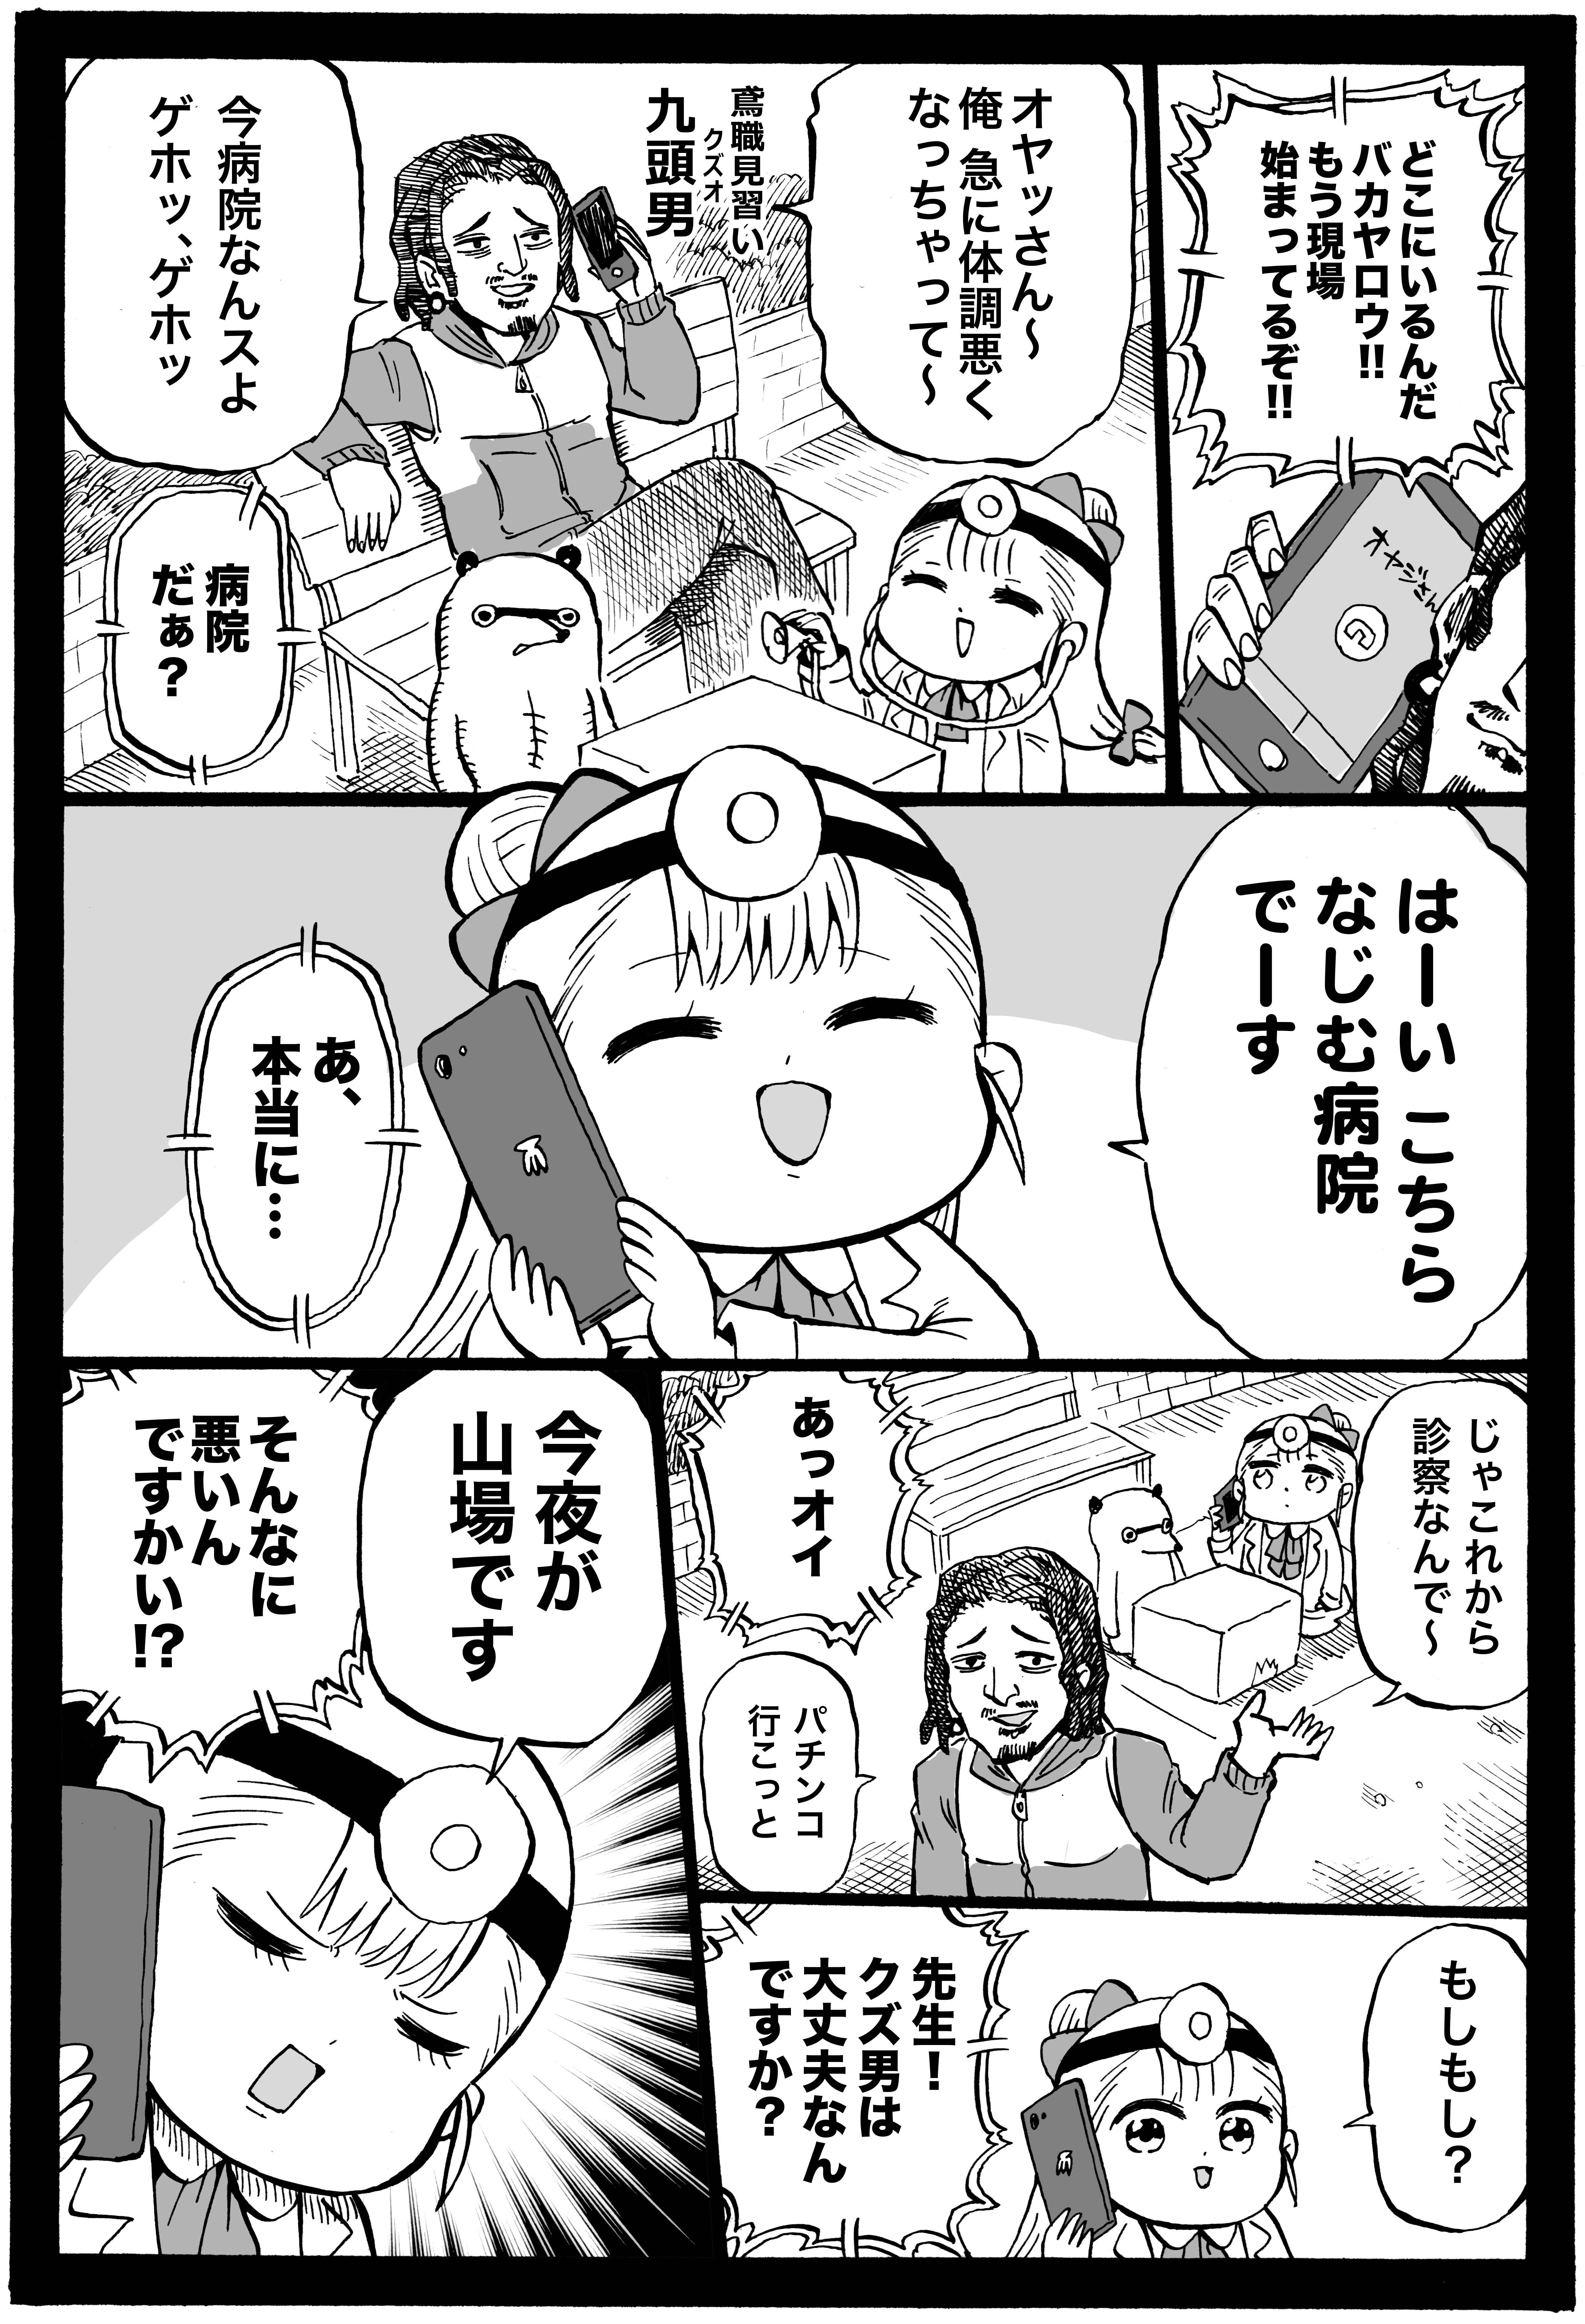 幼女社長(けびょう)